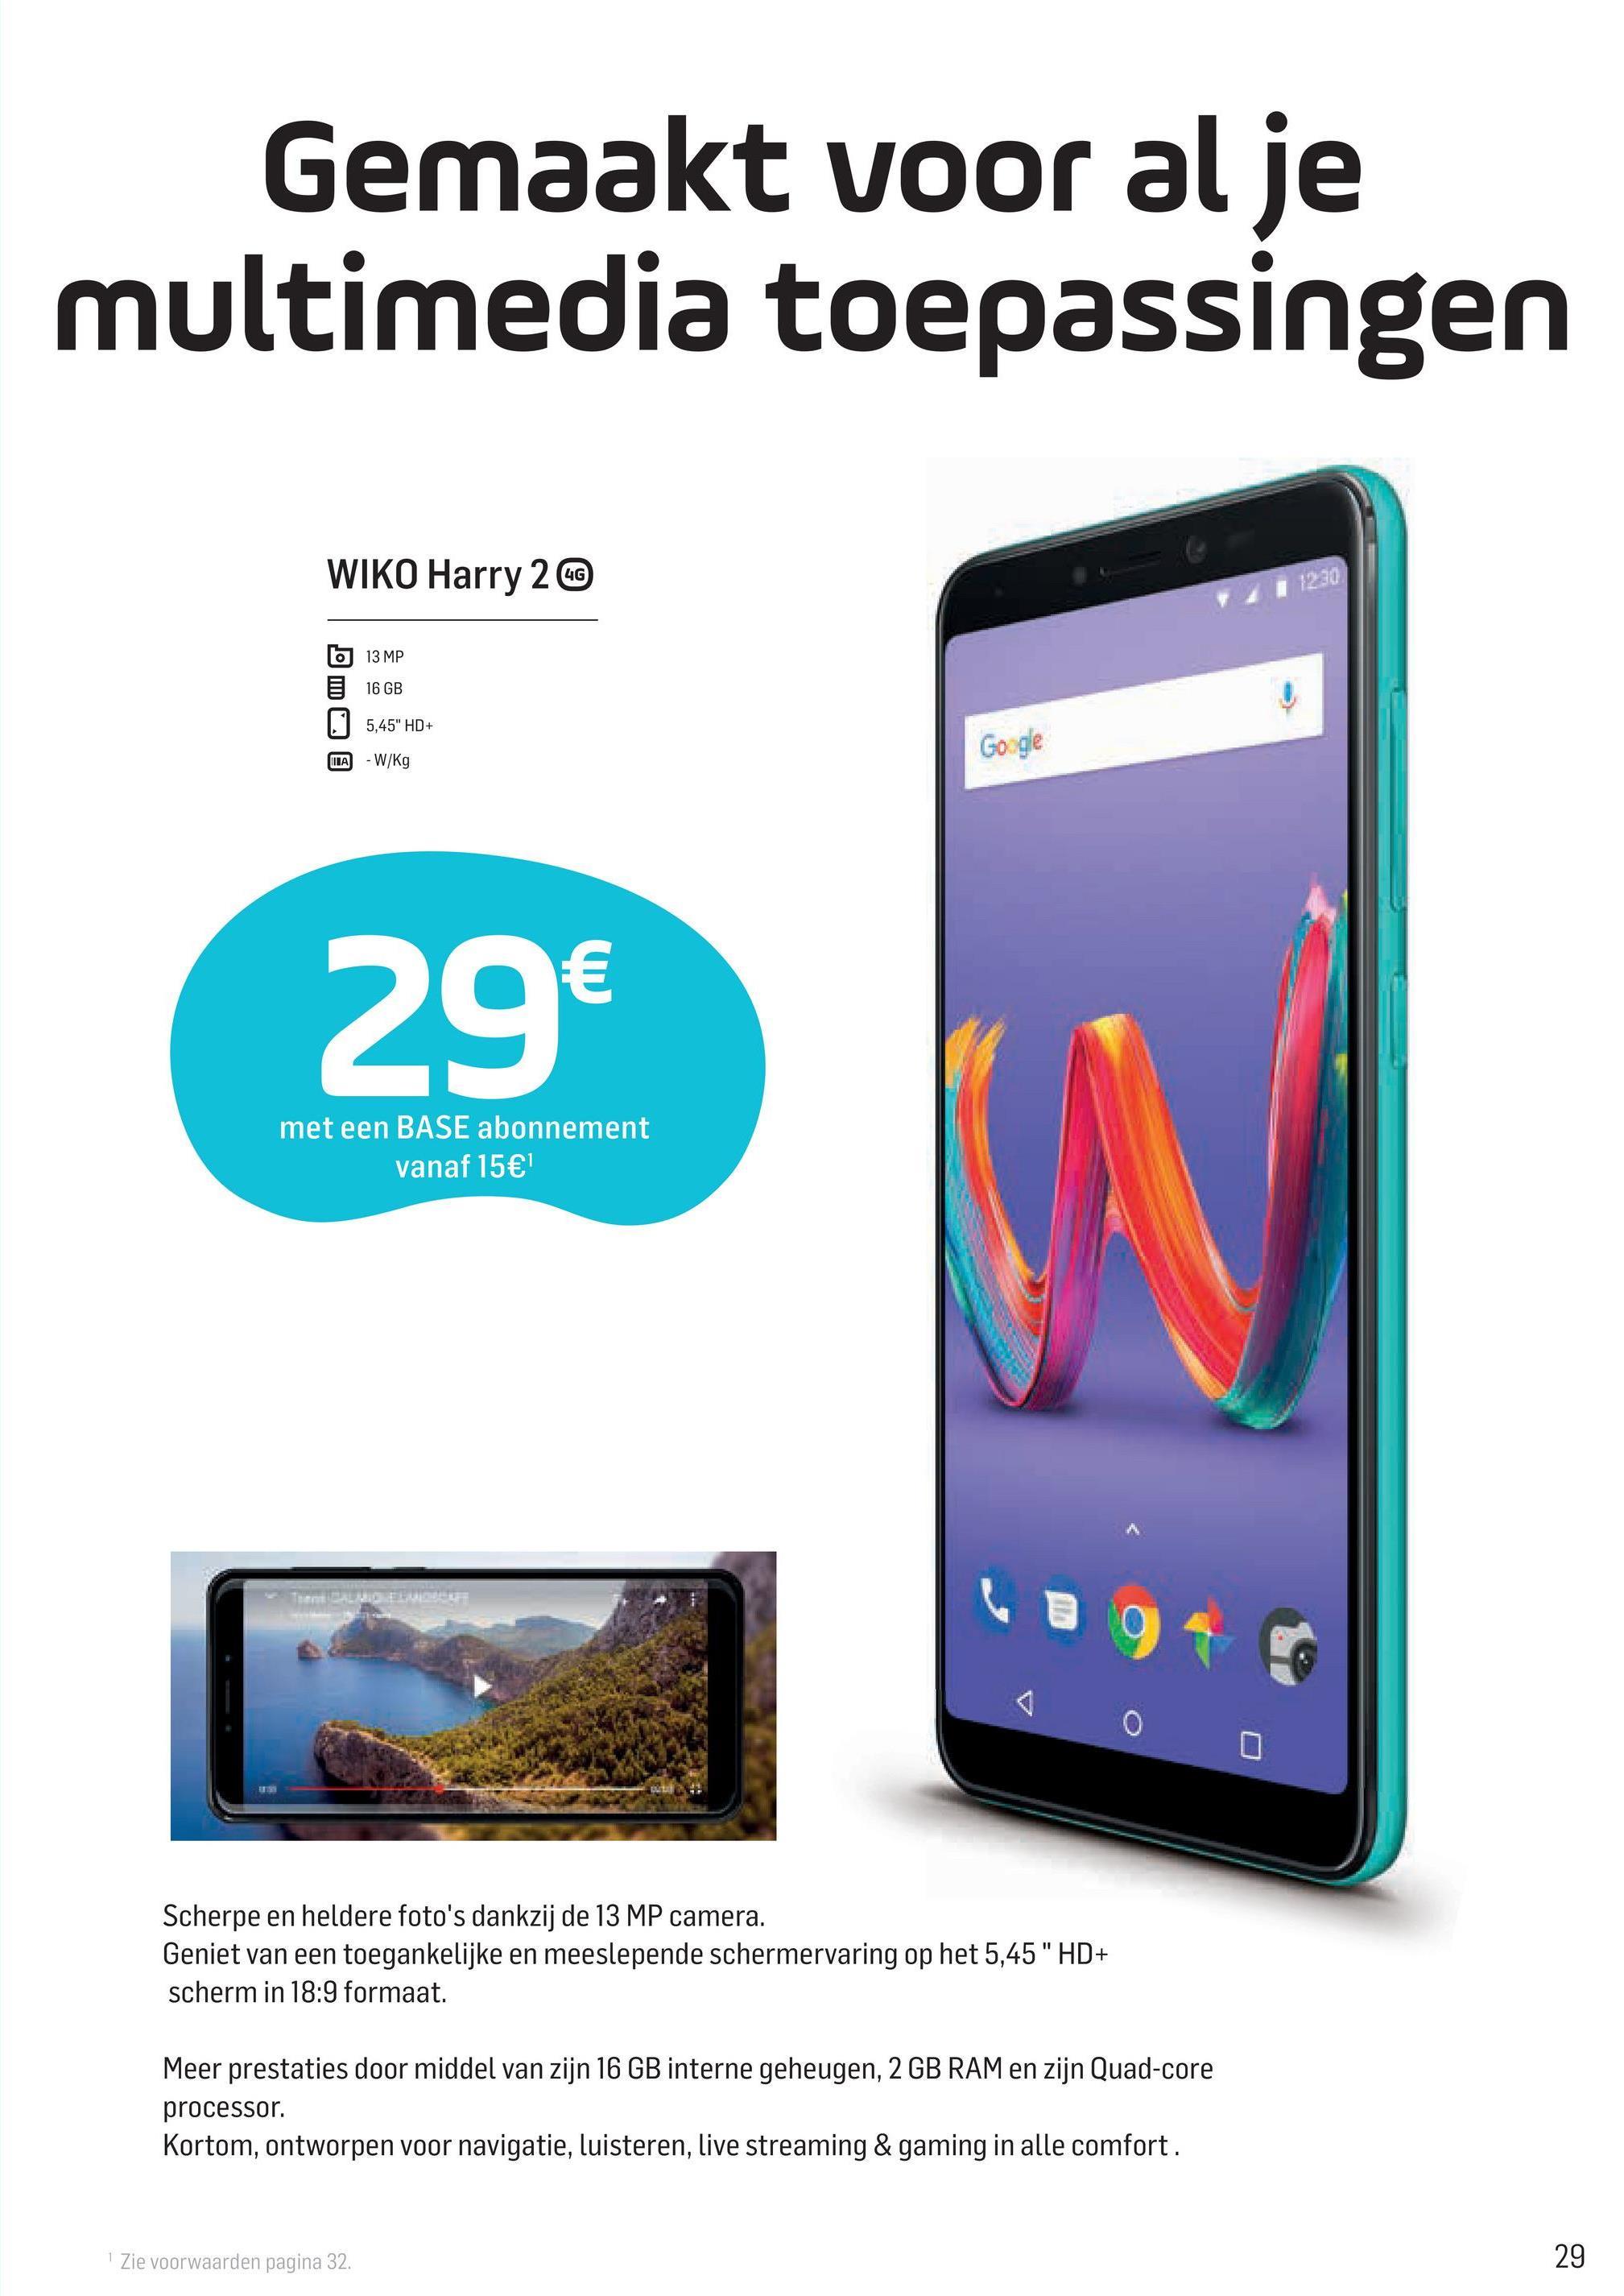 """Gemaakt voor al je multimedia toepassingen WIKO Harry 2 @ 1230 13 MP 16 GB 5,45"""" HD+ Google IA-W/Kg 29€ met een BASE abonnement vanaf 15€ Scherpe en heldere foto's dankzij de 13 MP camera. Geniet van een toegankelijke en meeslepende schermervaring op het 5,45"""" HD+ scherm in 18:9 formaat. Meer prestaties door middel van zijn 16 GB interne geheugen, 2 GB RAM en zijn Quad-core processor. Kortom, ontworpen voor navigatie, luisteren, live streaming & gaming in alle comfort. 1 Zie voorwaarden pagina 32. 29"""